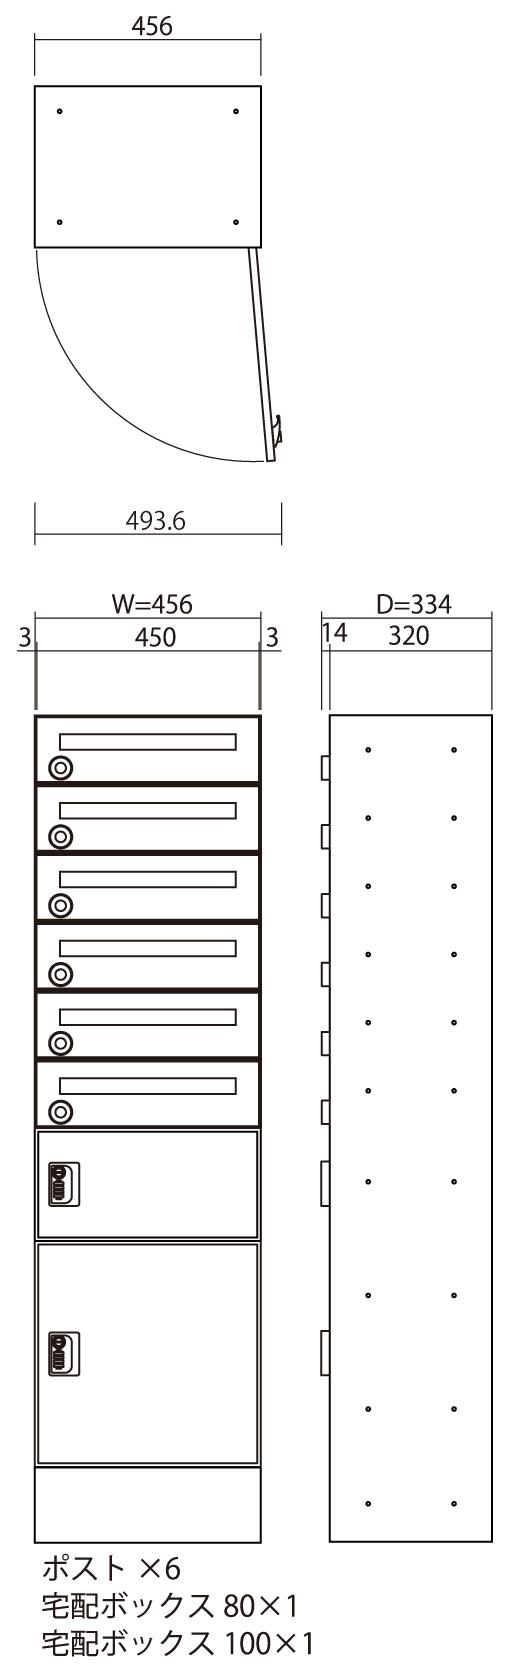 フロリア6世帯用 サイズ